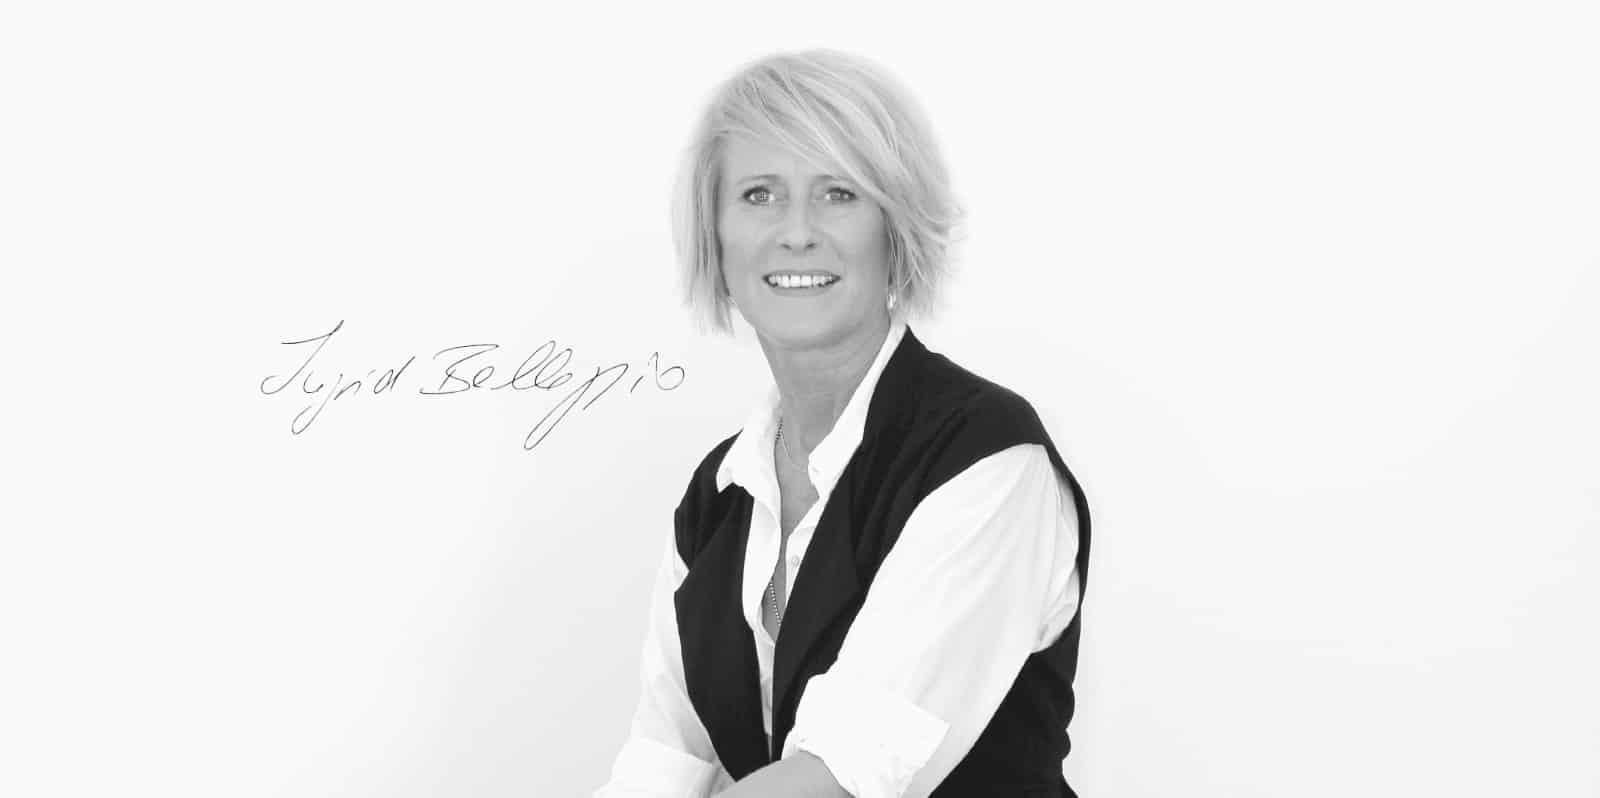 Coiffeur und Friseur in Kreuzlingen: Haarmeisterei Ingrid Bellagio